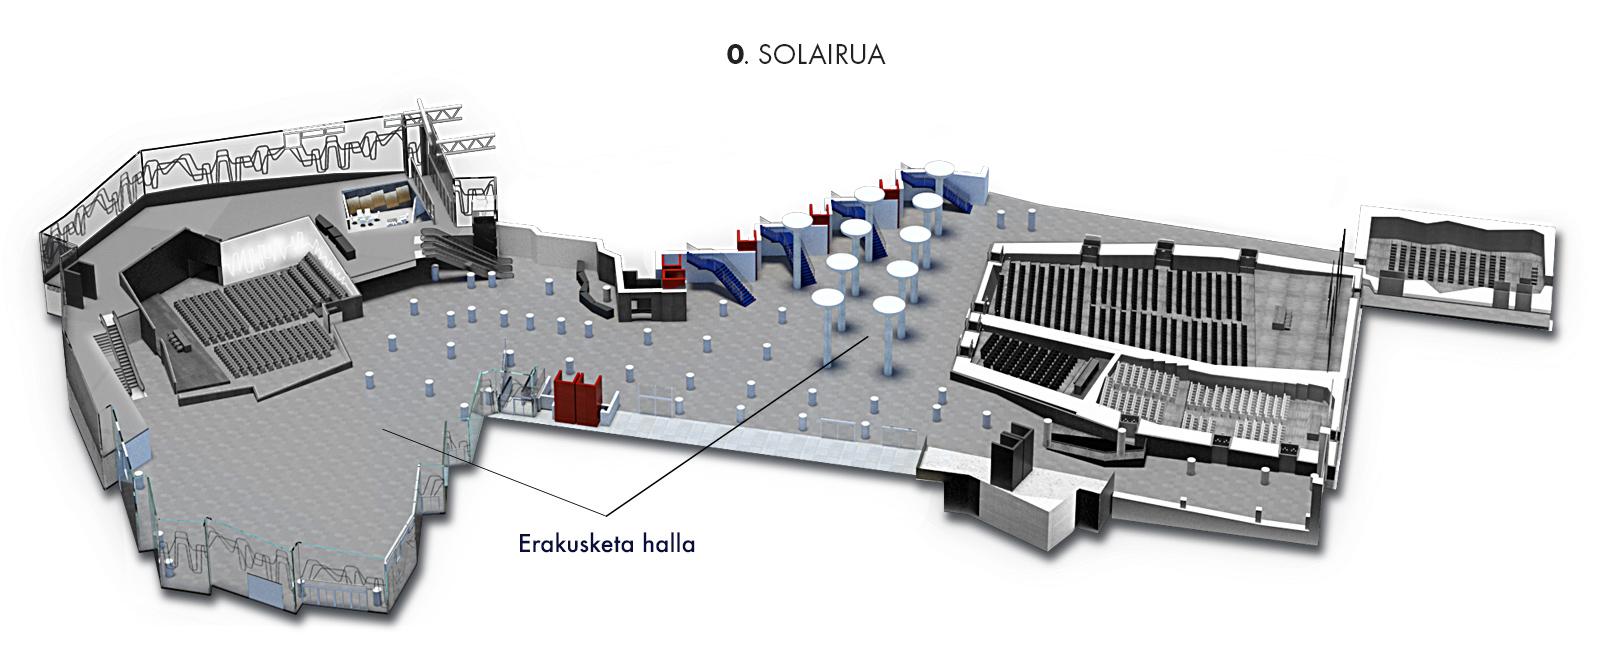 Erakusketa halla, 0. solairua   Palacio Euskalduna Jauregia